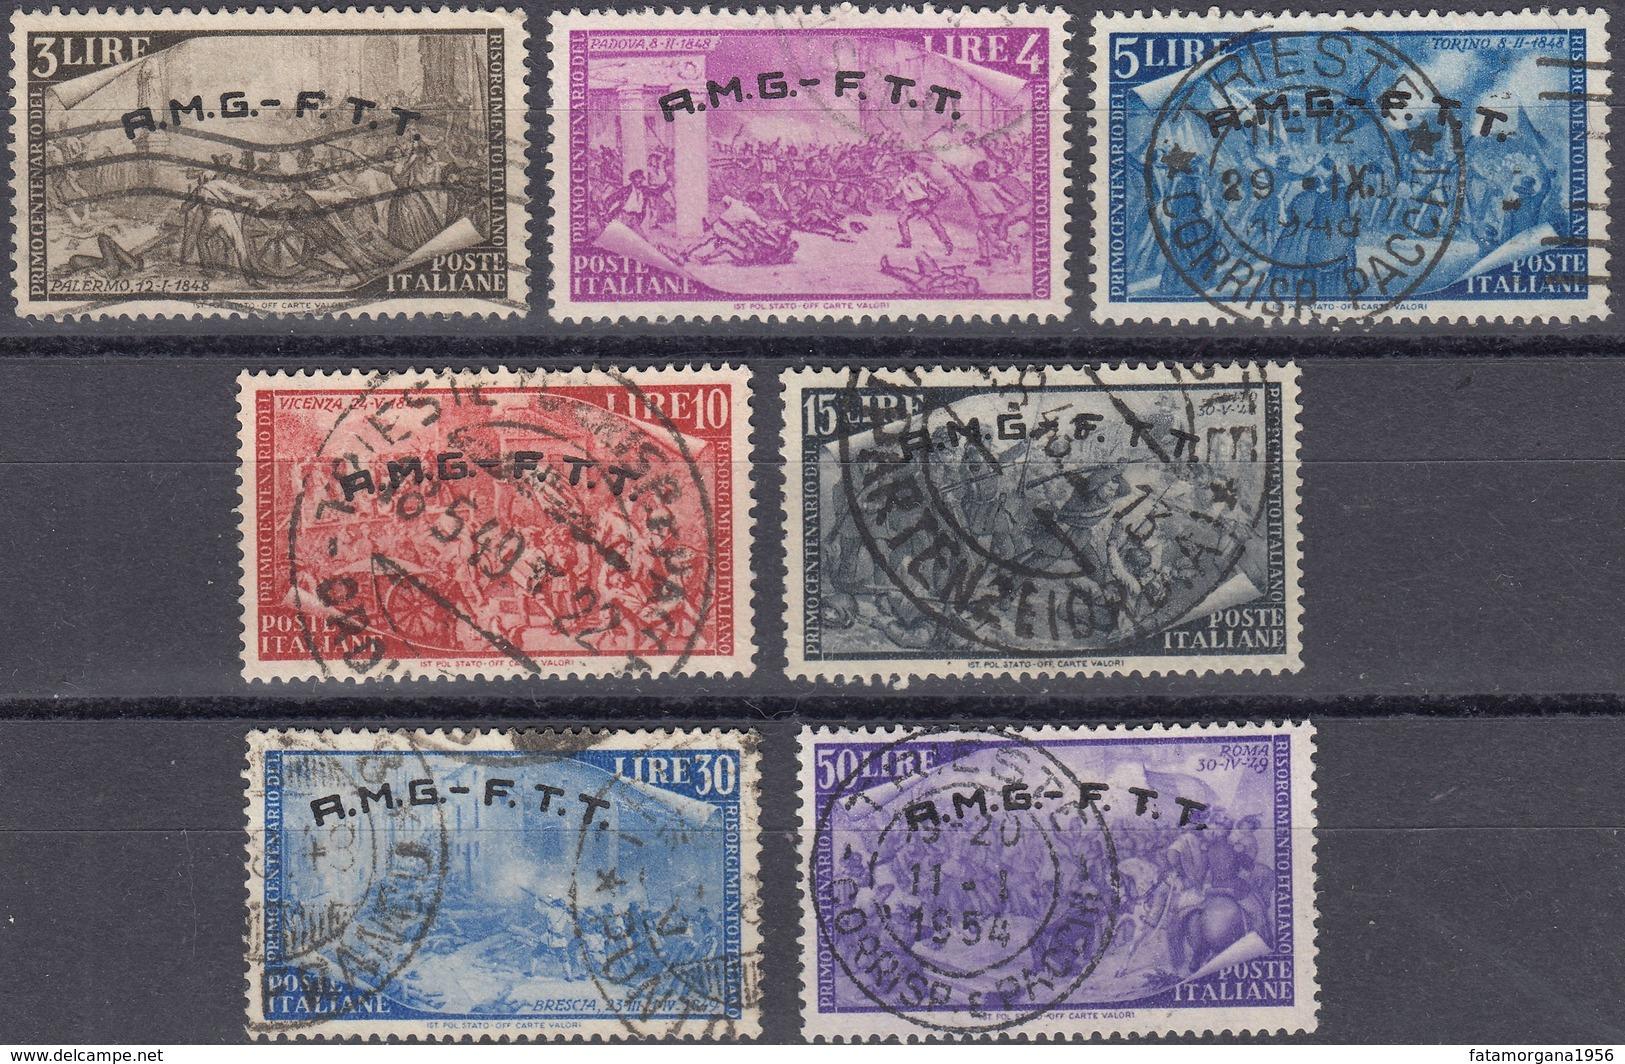 TRIESTE ZONA A - 1948 - Lotto Di 7 Valori Usati: Yvert 18/20, 23, 25, 57 E 28. - Gebraucht